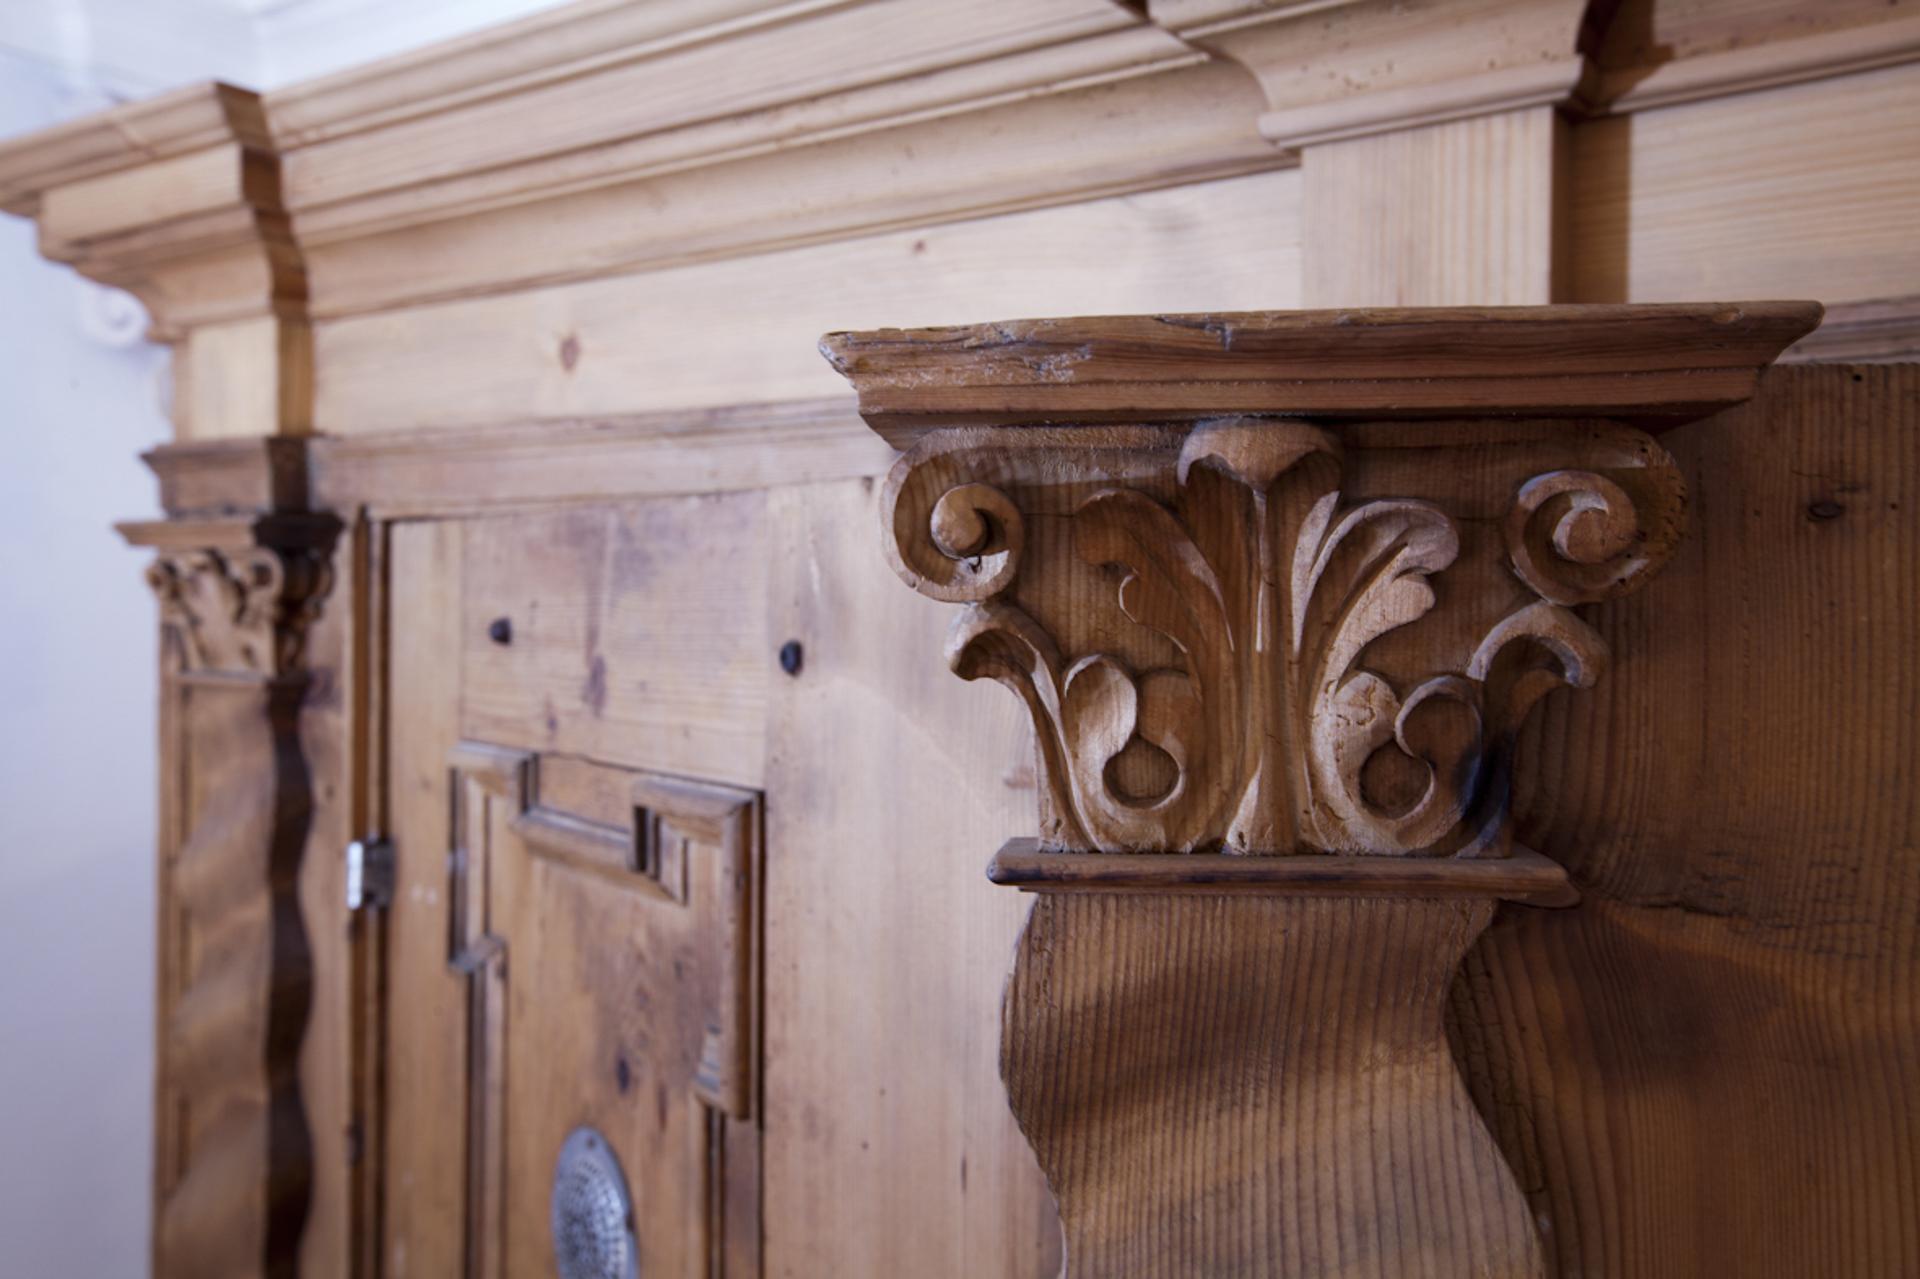 tischlerei-decker-basilika-mariathal-sakristei-detail-schnitzerei-schrank